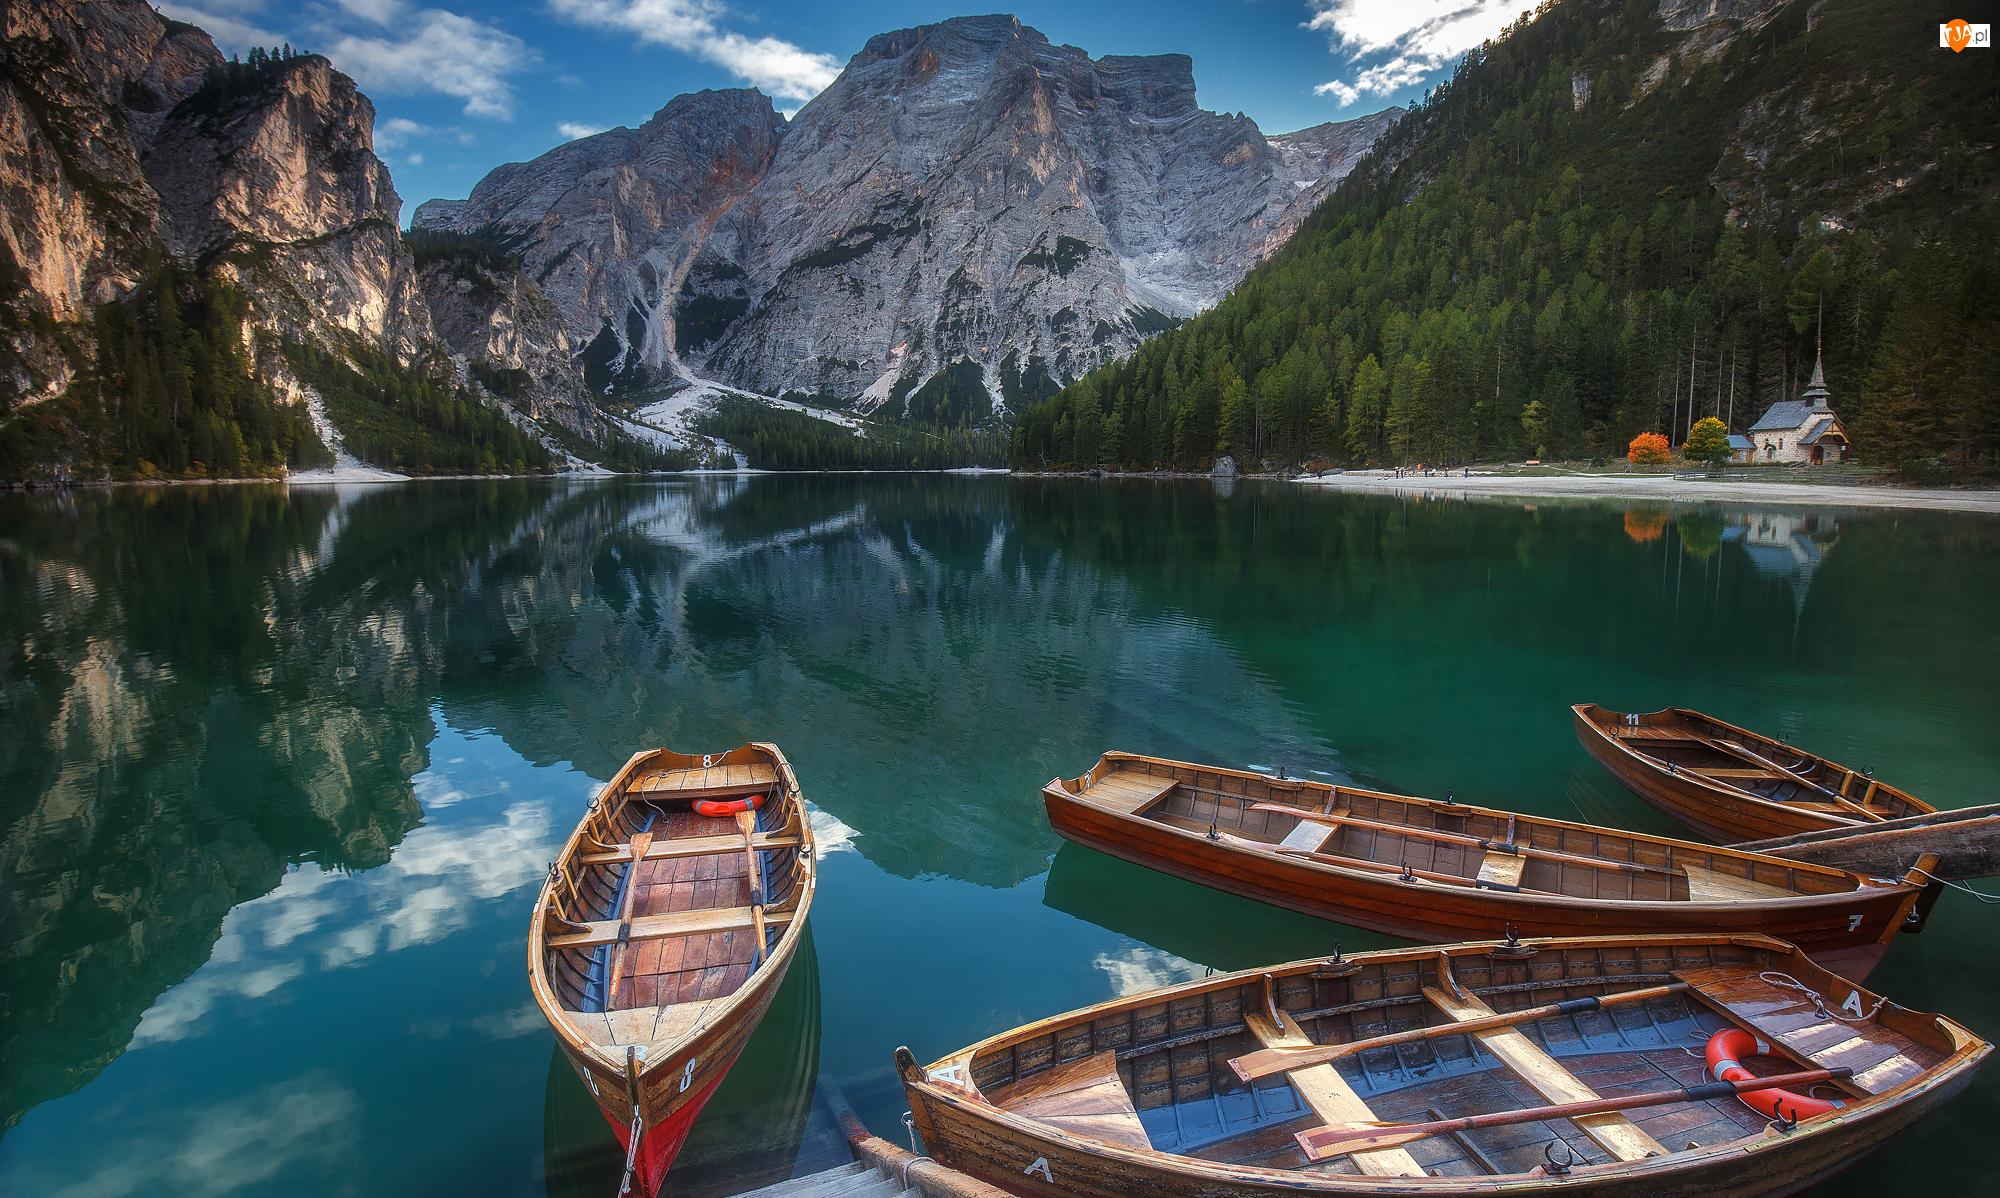 Drzewa, Jezioro Pragser Wildsee, Dolomity, Włochy, Łódki, Tyrol Południowy, Góra Seekofel